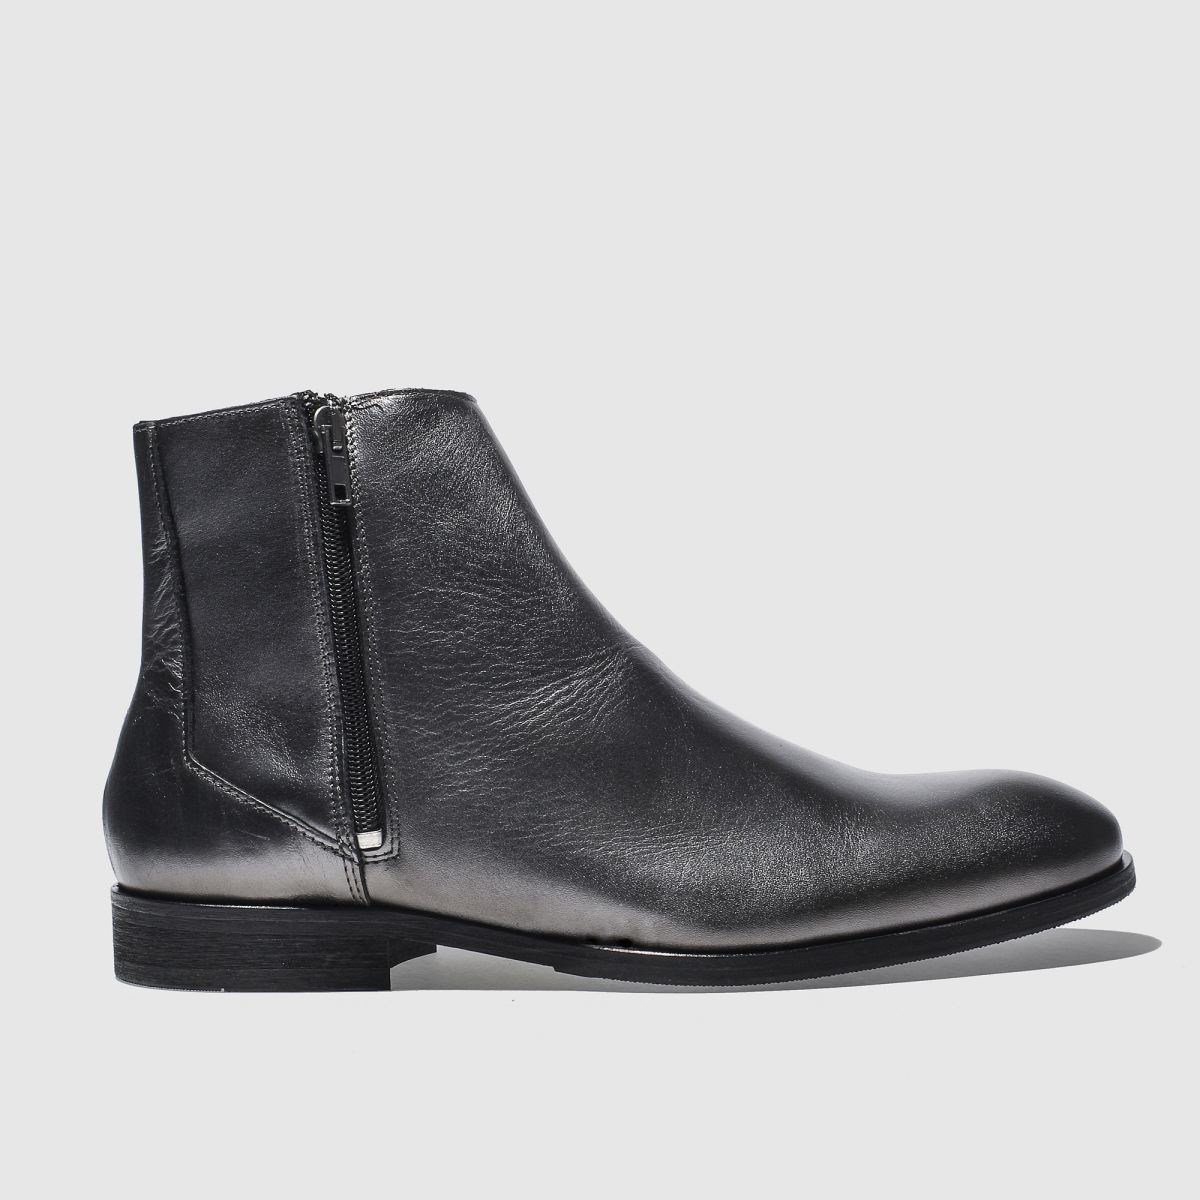 schuh Schuh Grey Jack Zip Boots